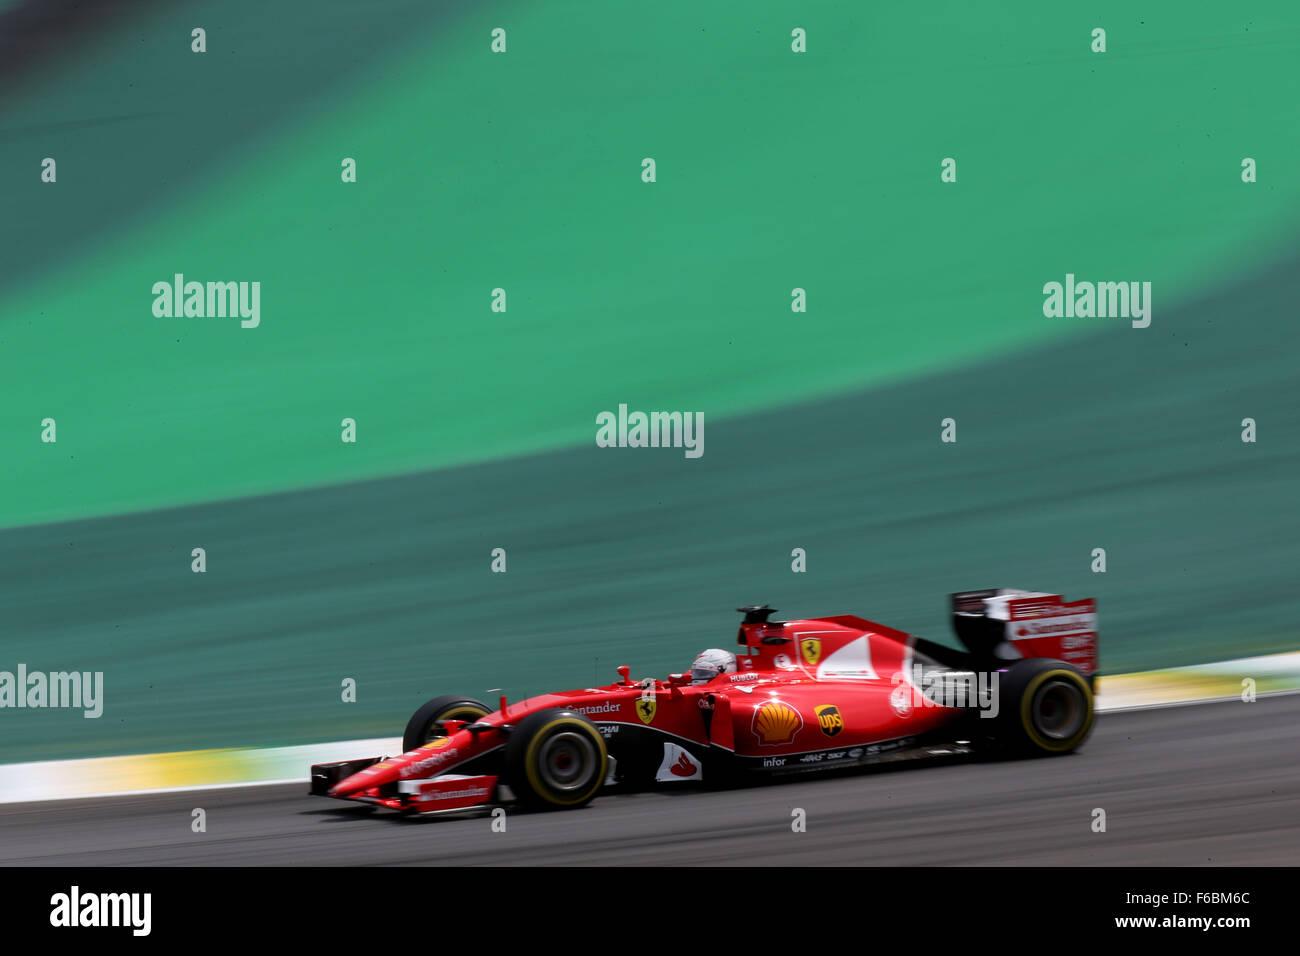 Brasil. El 15 de noviembre de 2015. Automovilismo: Campeonato del Mundo de Fórmula Uno FIA 2015, Gran Premio Imagen De Stock